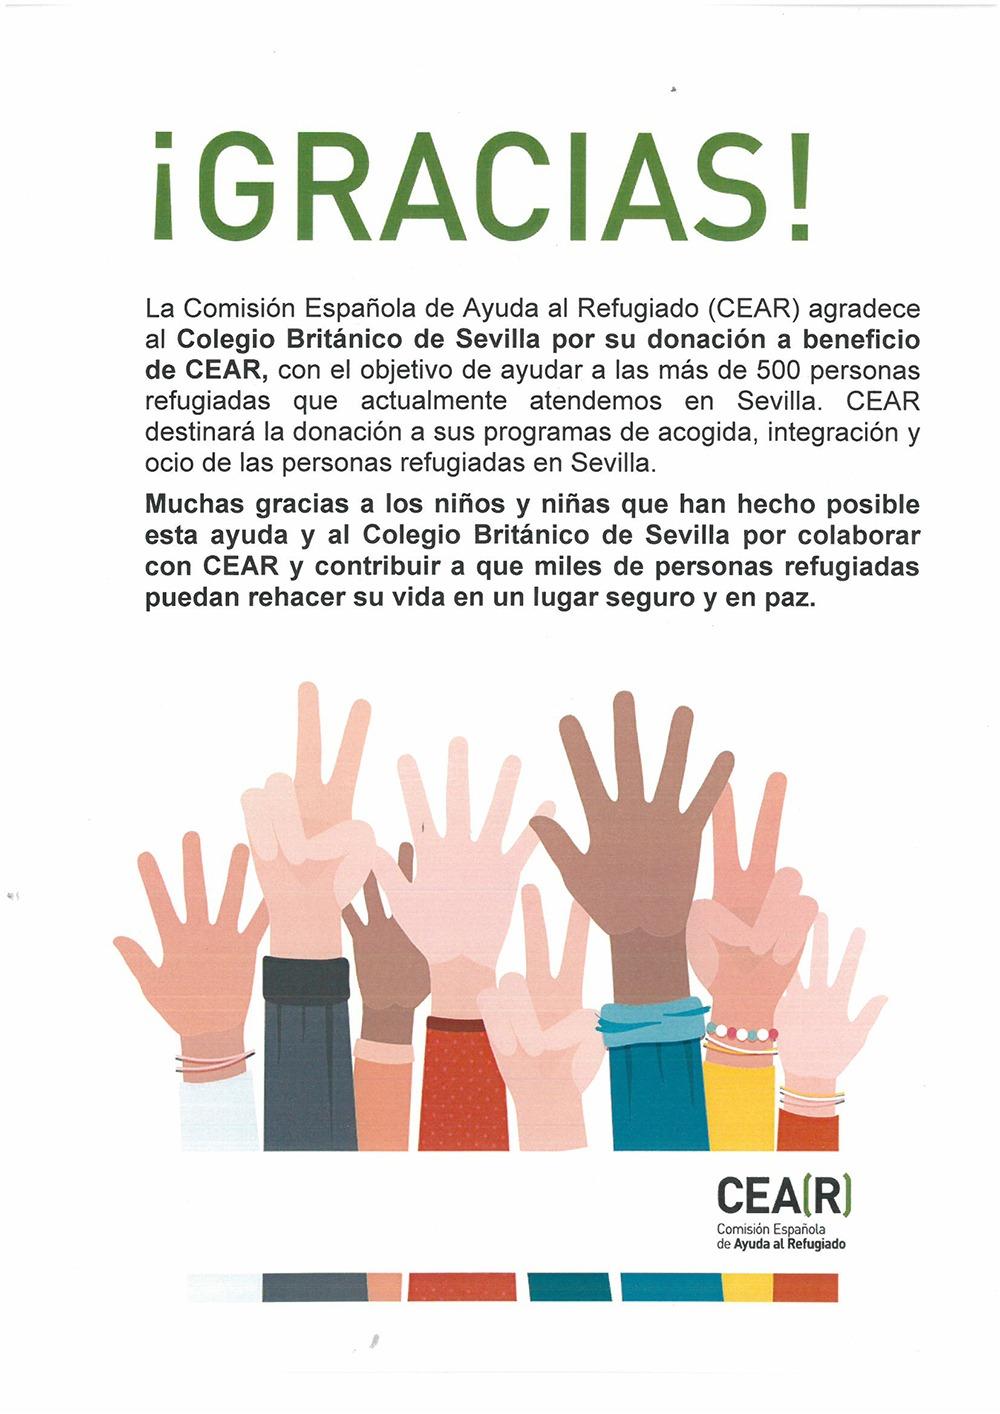 Agradecimiento de CEAR al CBS Colegio Británico de Sevilla por ayudas a los refugiados